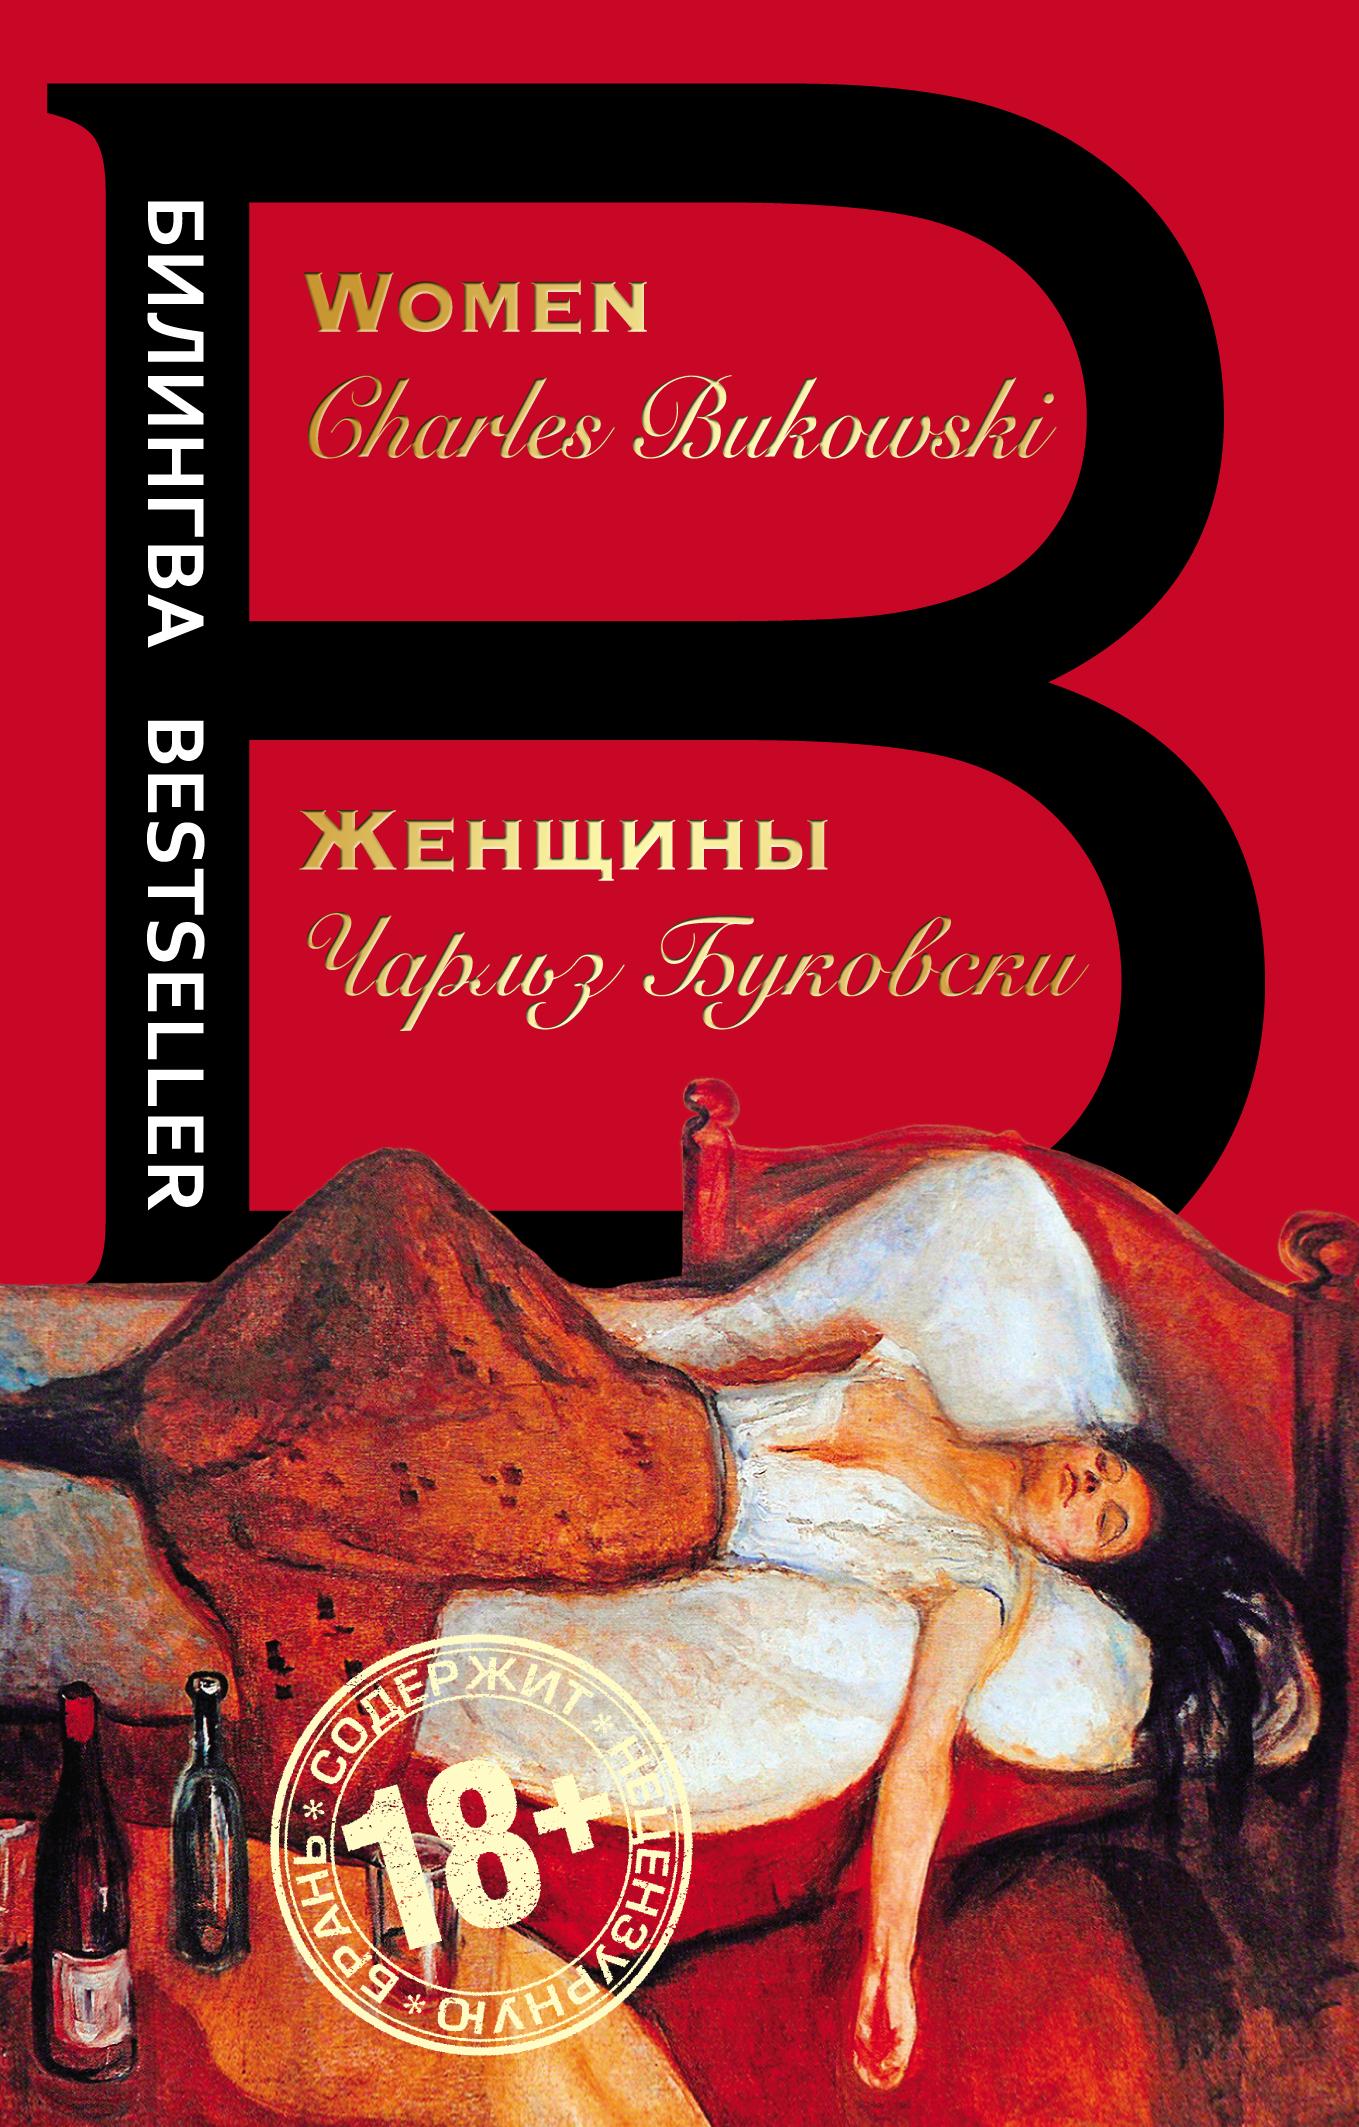 Почитать книгу с описанием страстних сексуальних сцен